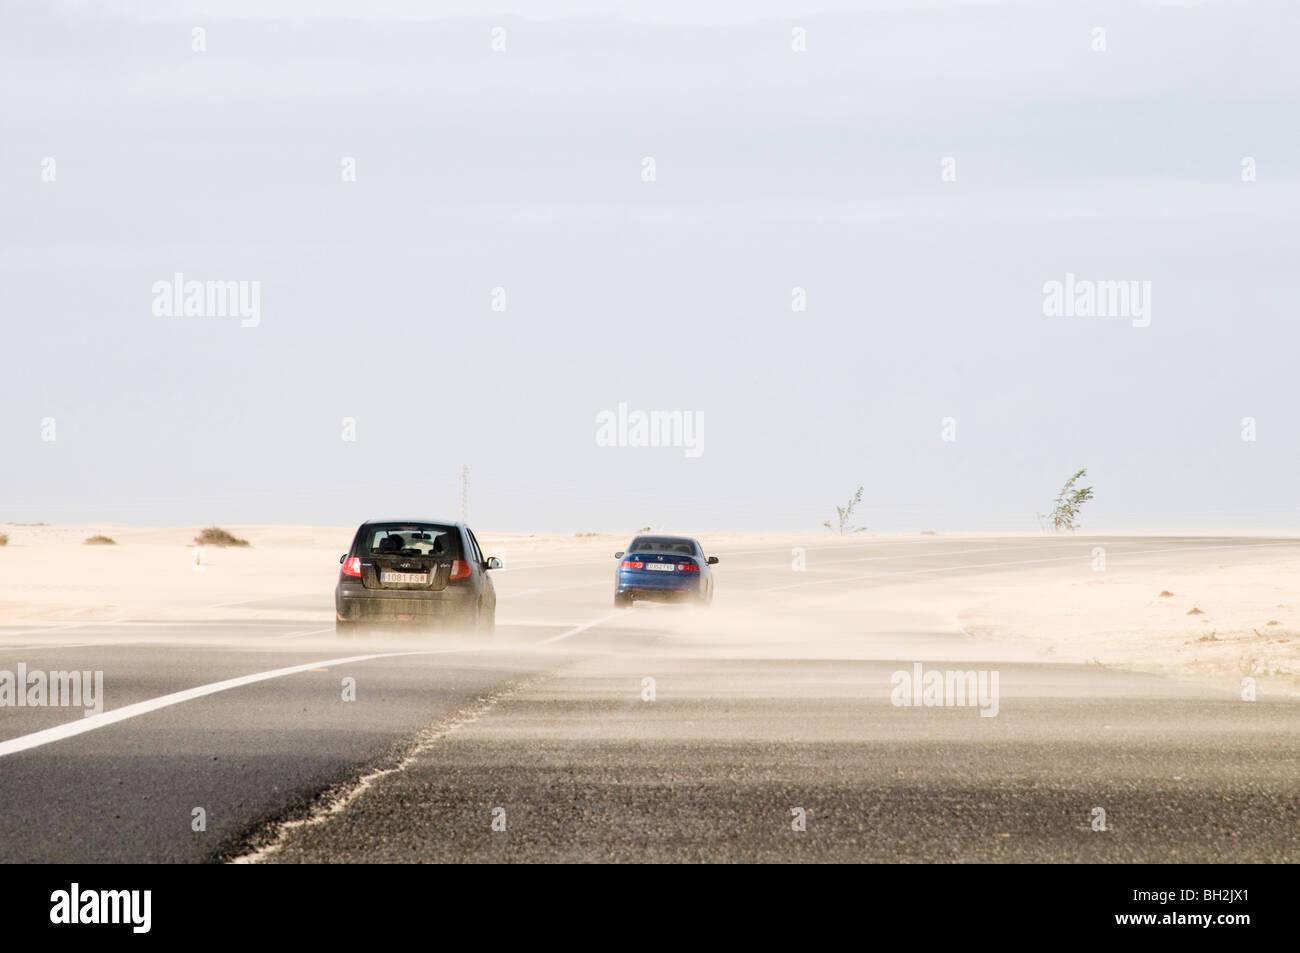 Desierto de Arena arena carreteras carretera carretera superficies superficie resbaladiza conductor conducción Imagen De Stock